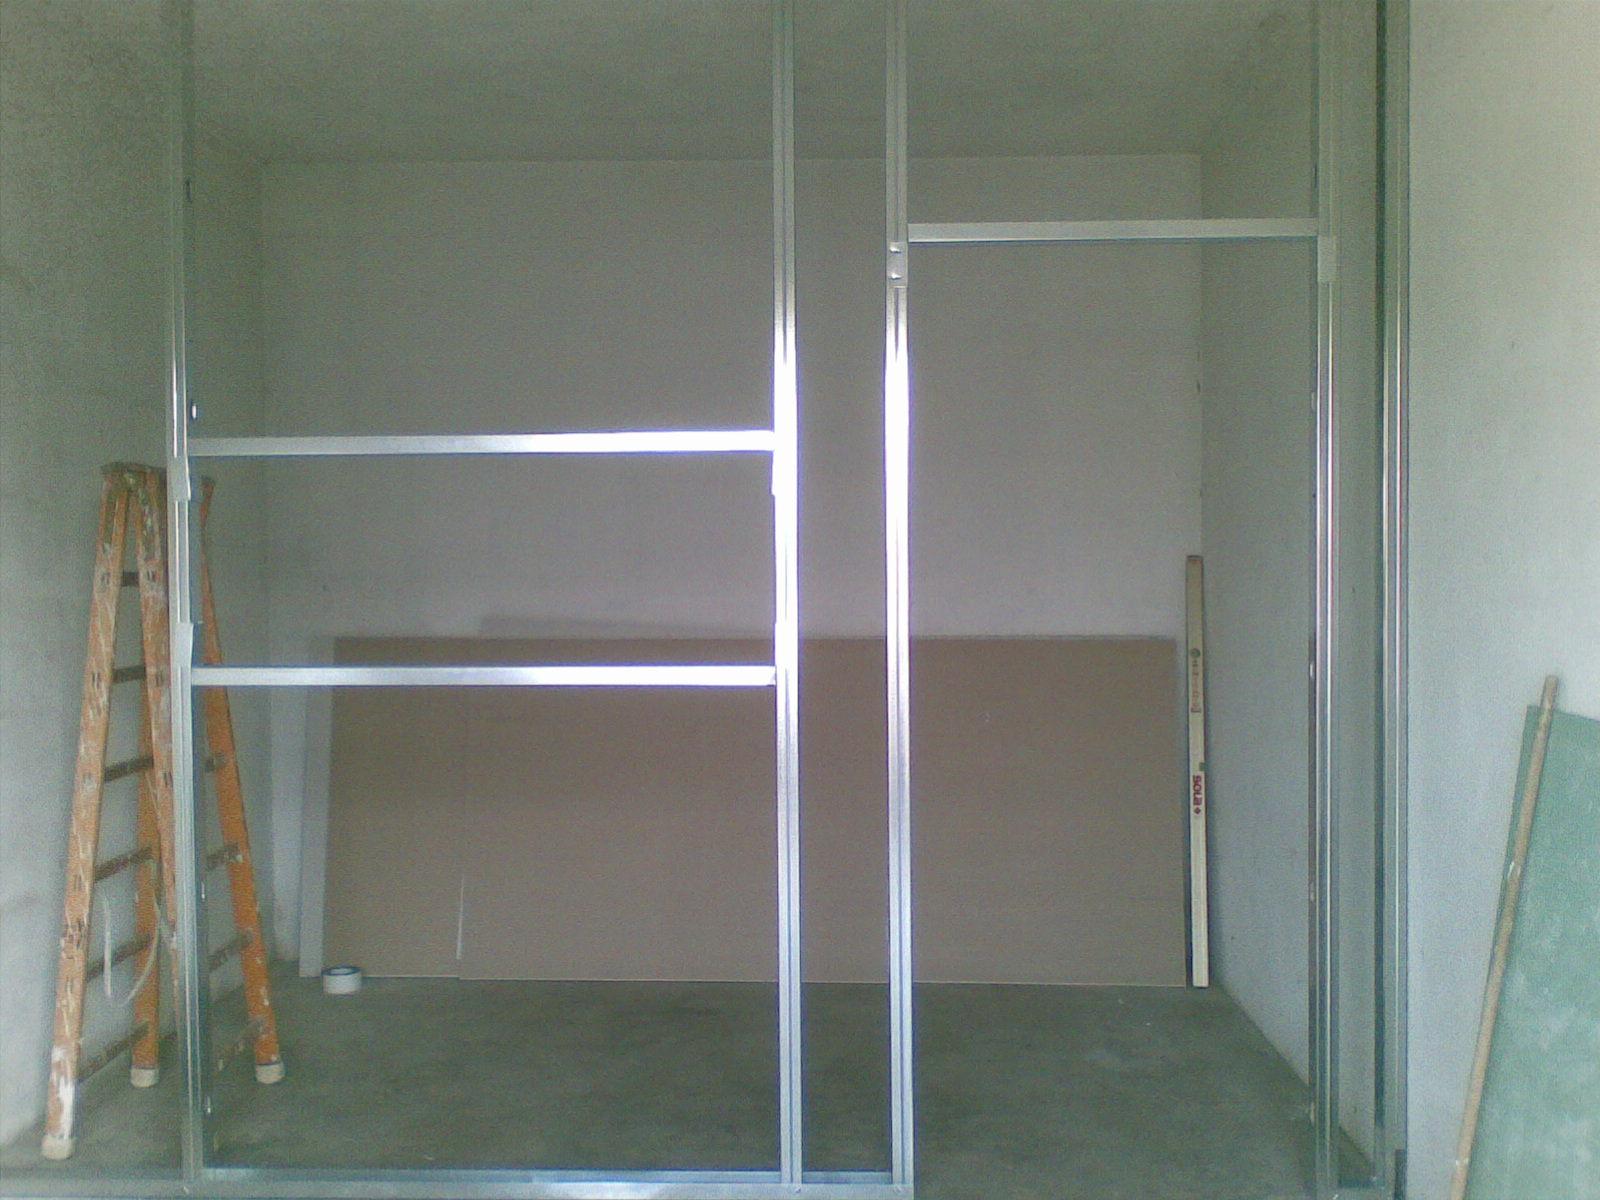 Costruire Una Porta Fai Da Te Excellent Cantinette In Legno Fai Da